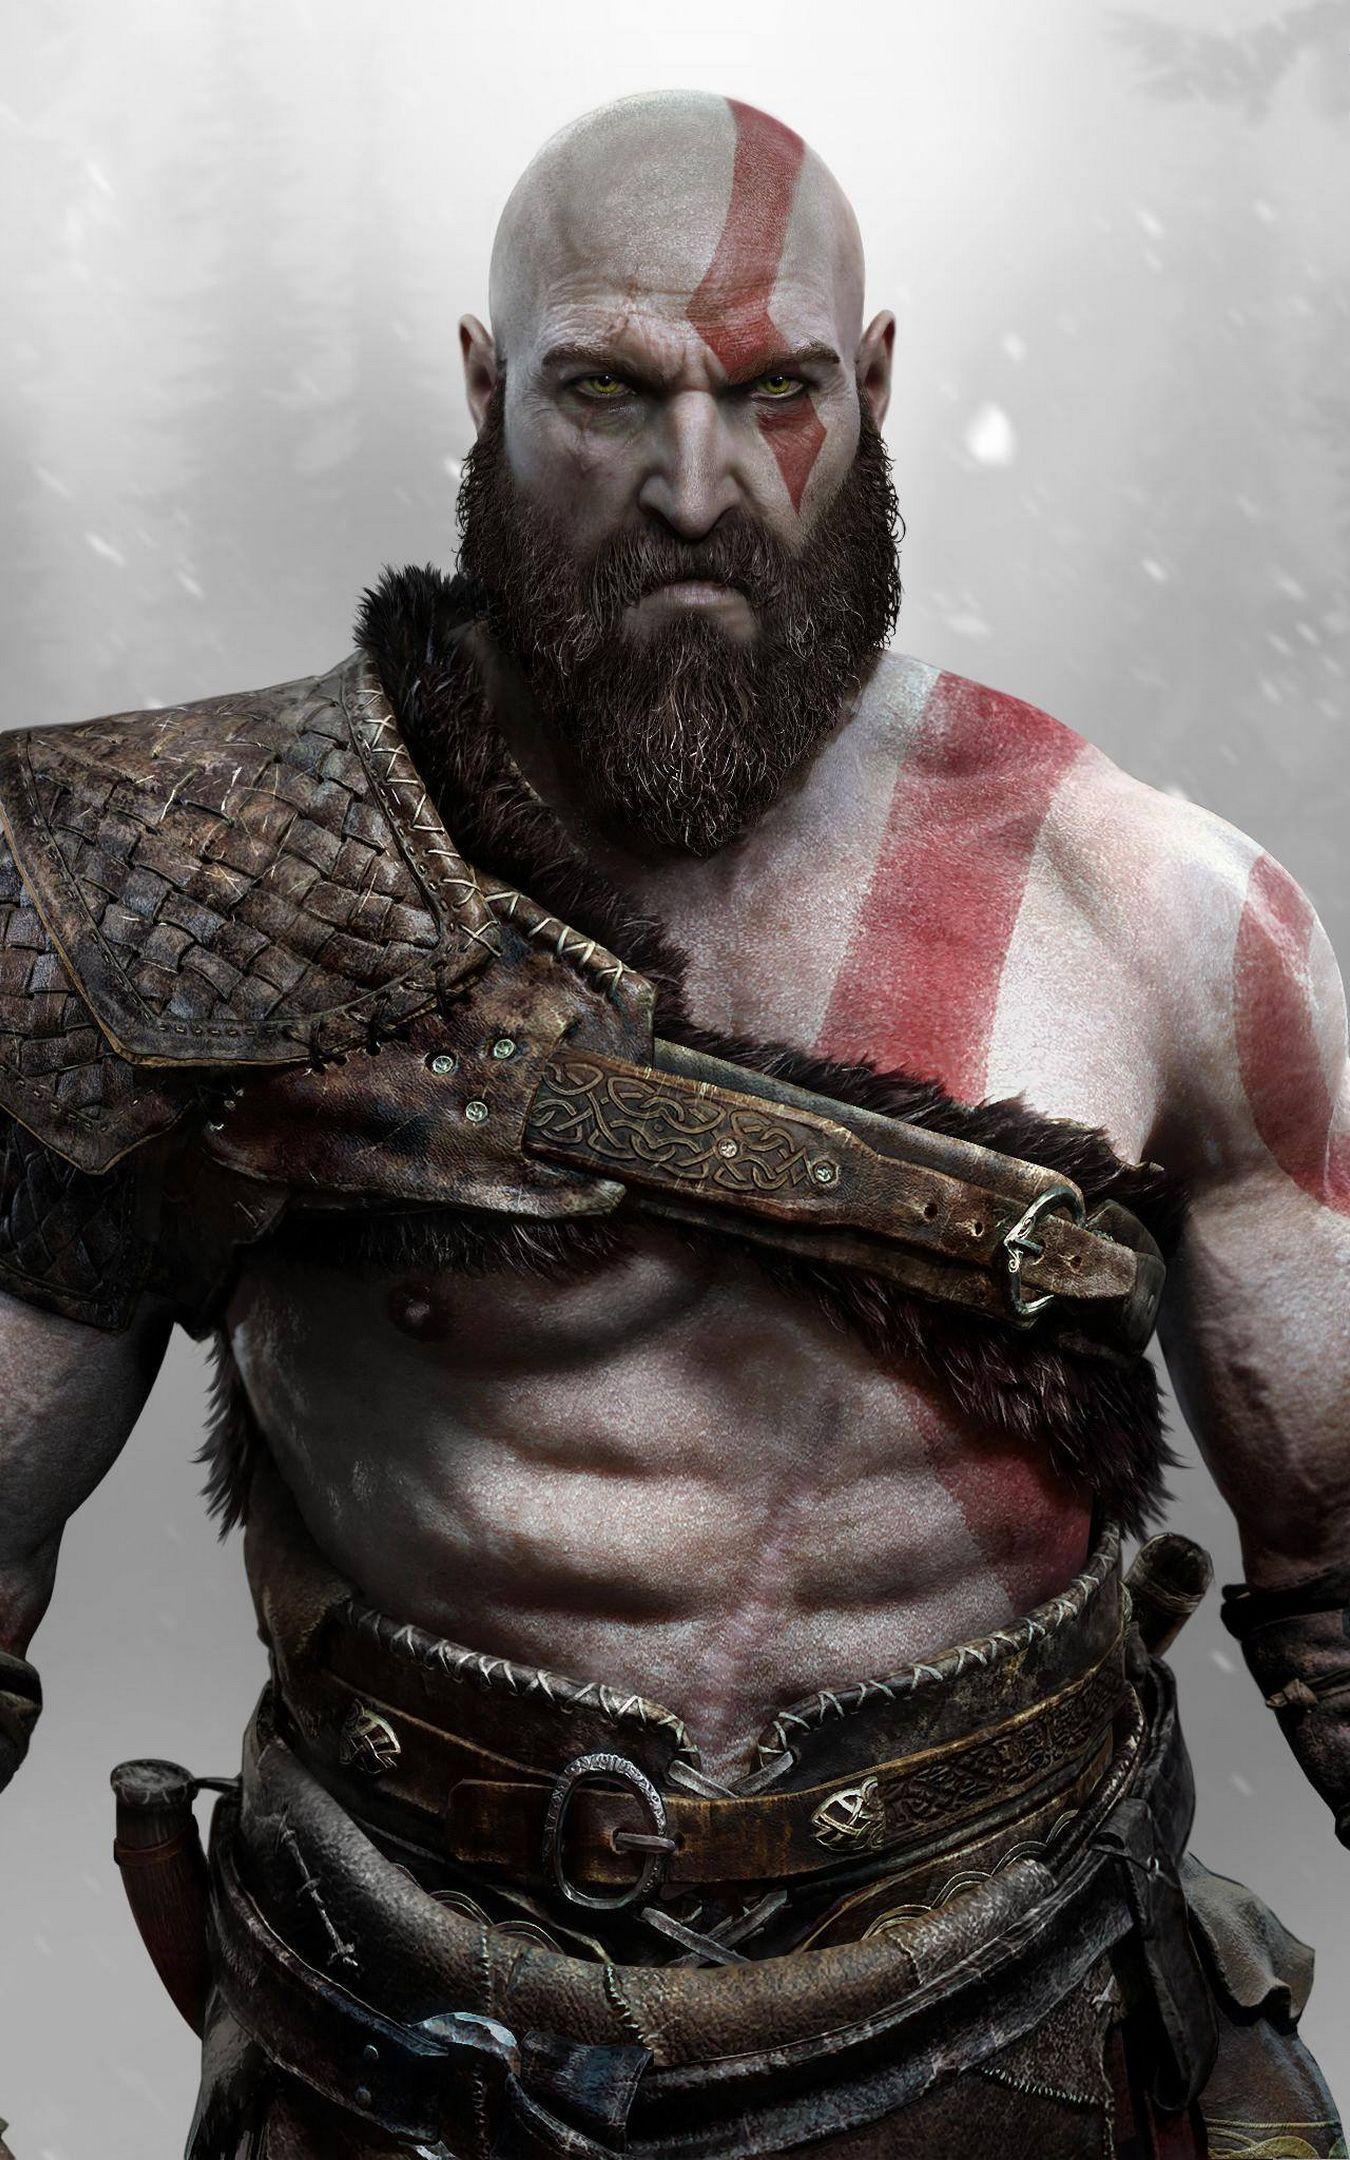 Kratos 4K Wallpapers - Top Free Kratos 4K Backgrounds ...